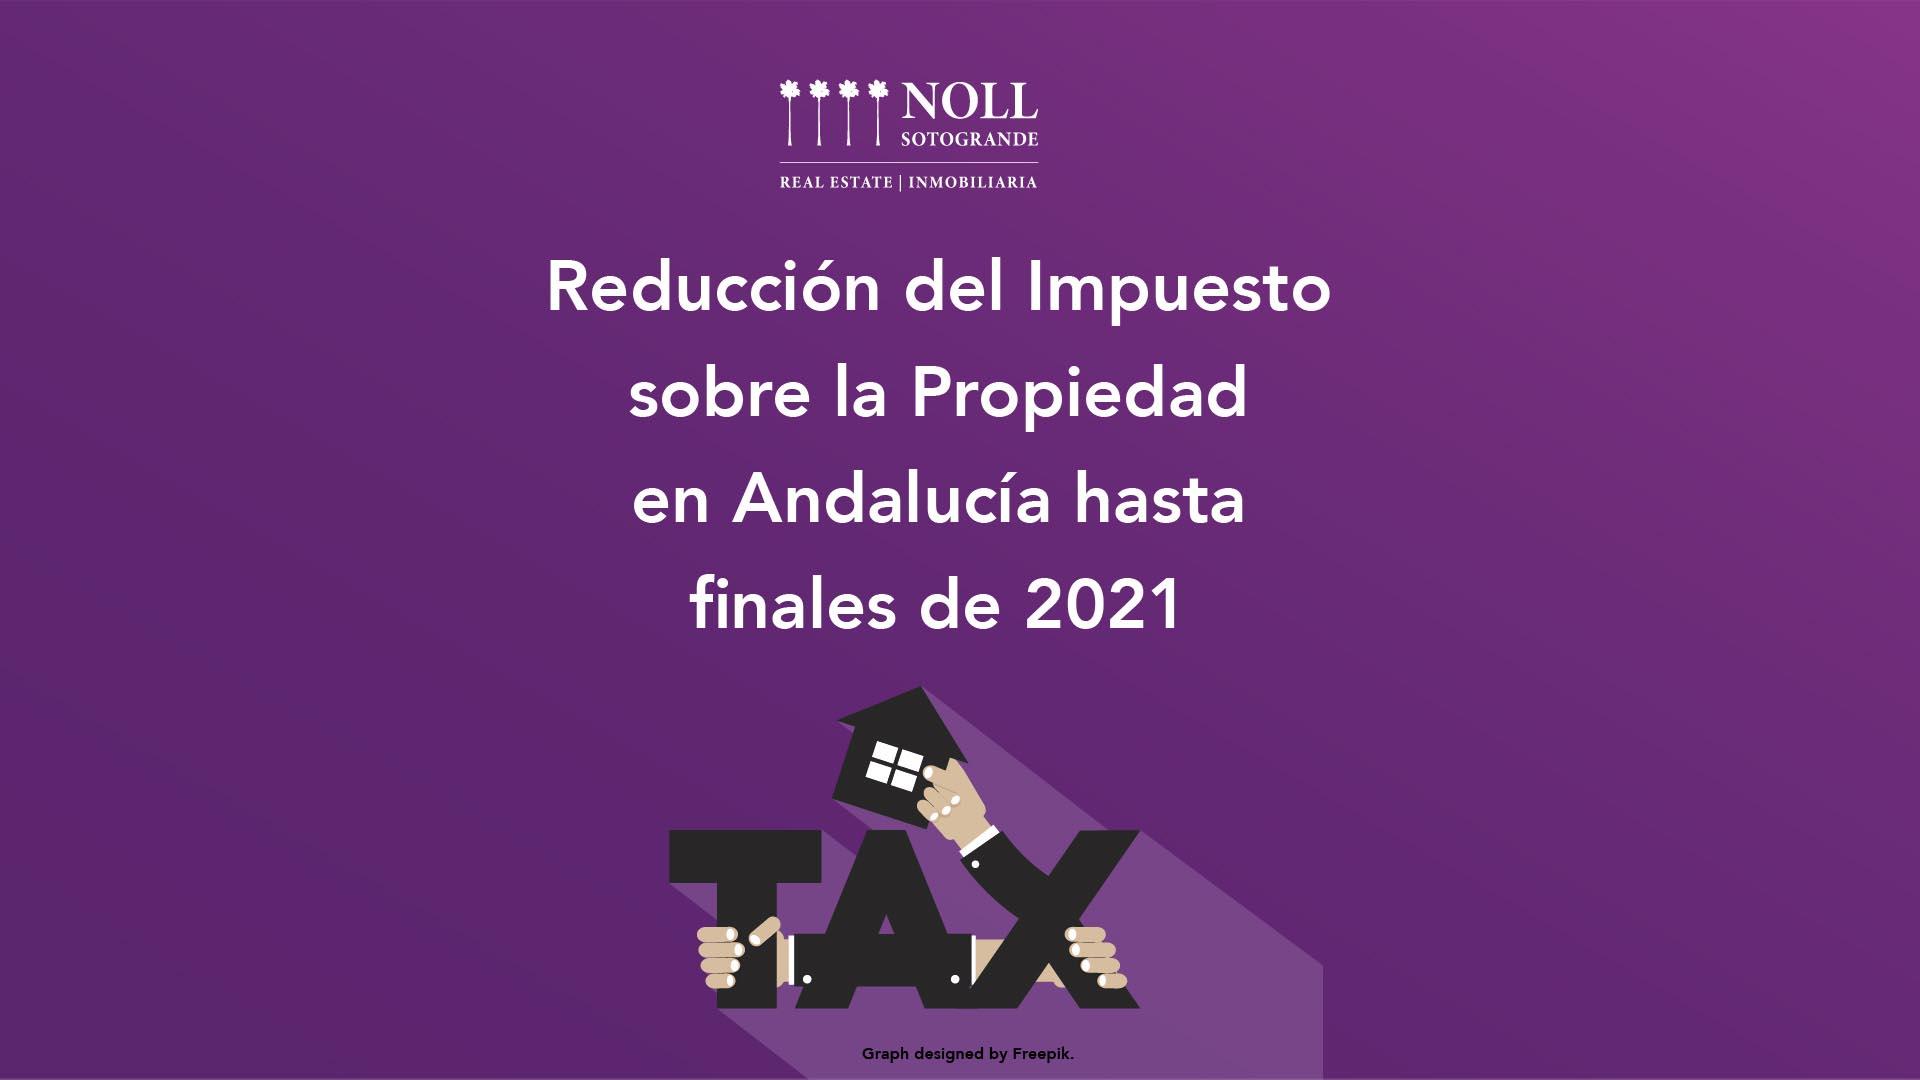 blog-impuesto-propiedad-andalucia-hasta-finales-2021 - designed by freepik